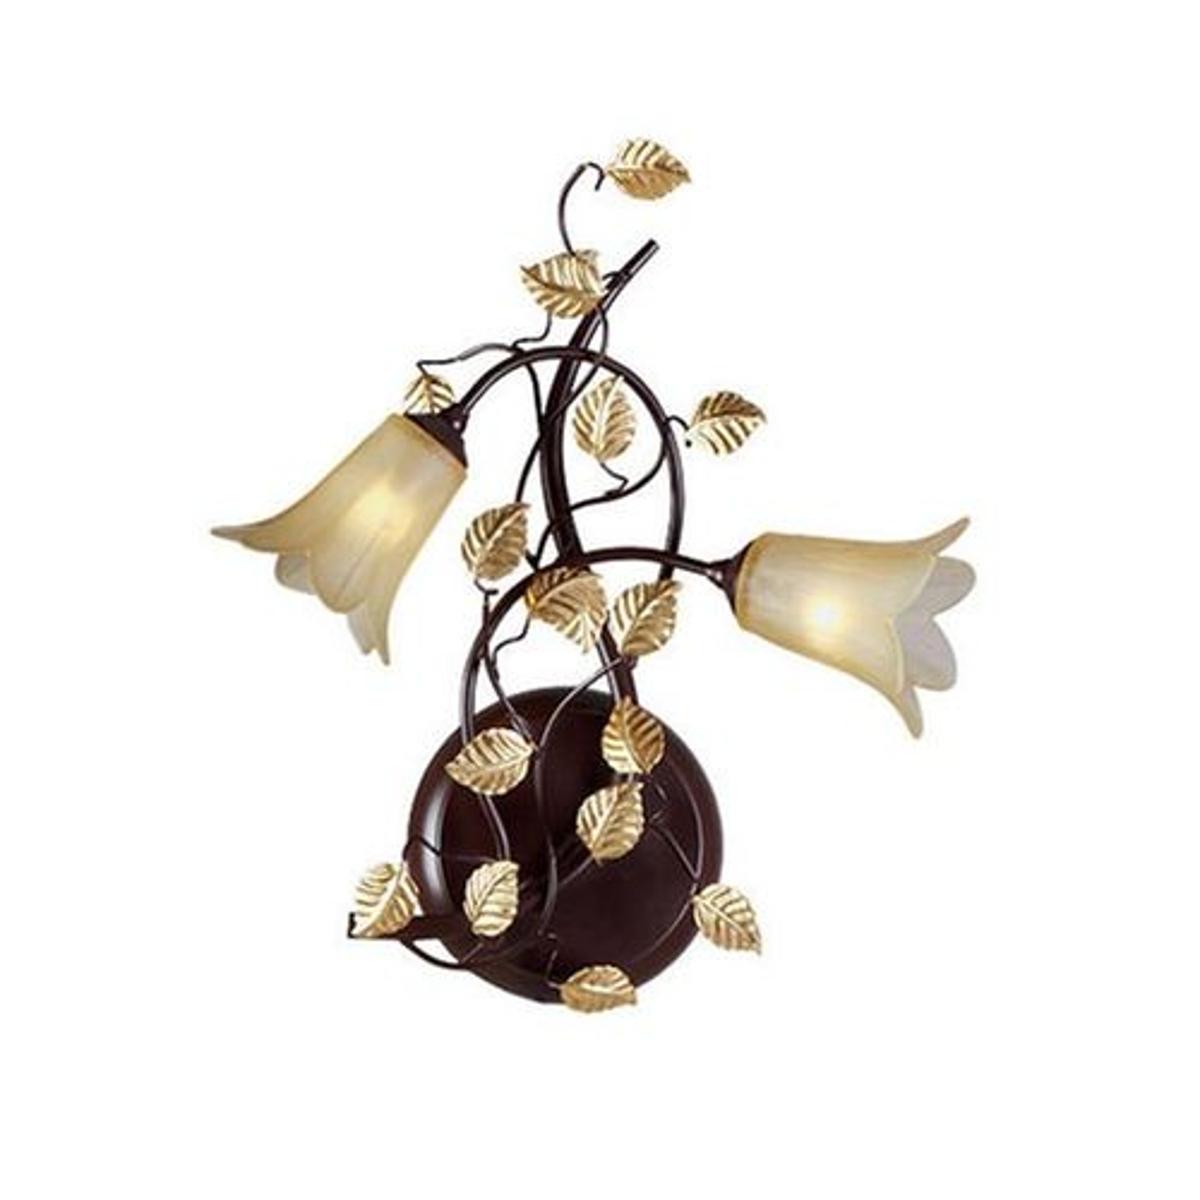 attrayante applique flora avec fil vendu par luminaire 13163730. Black Bedroom Furniture Sets. Home Design Ideas